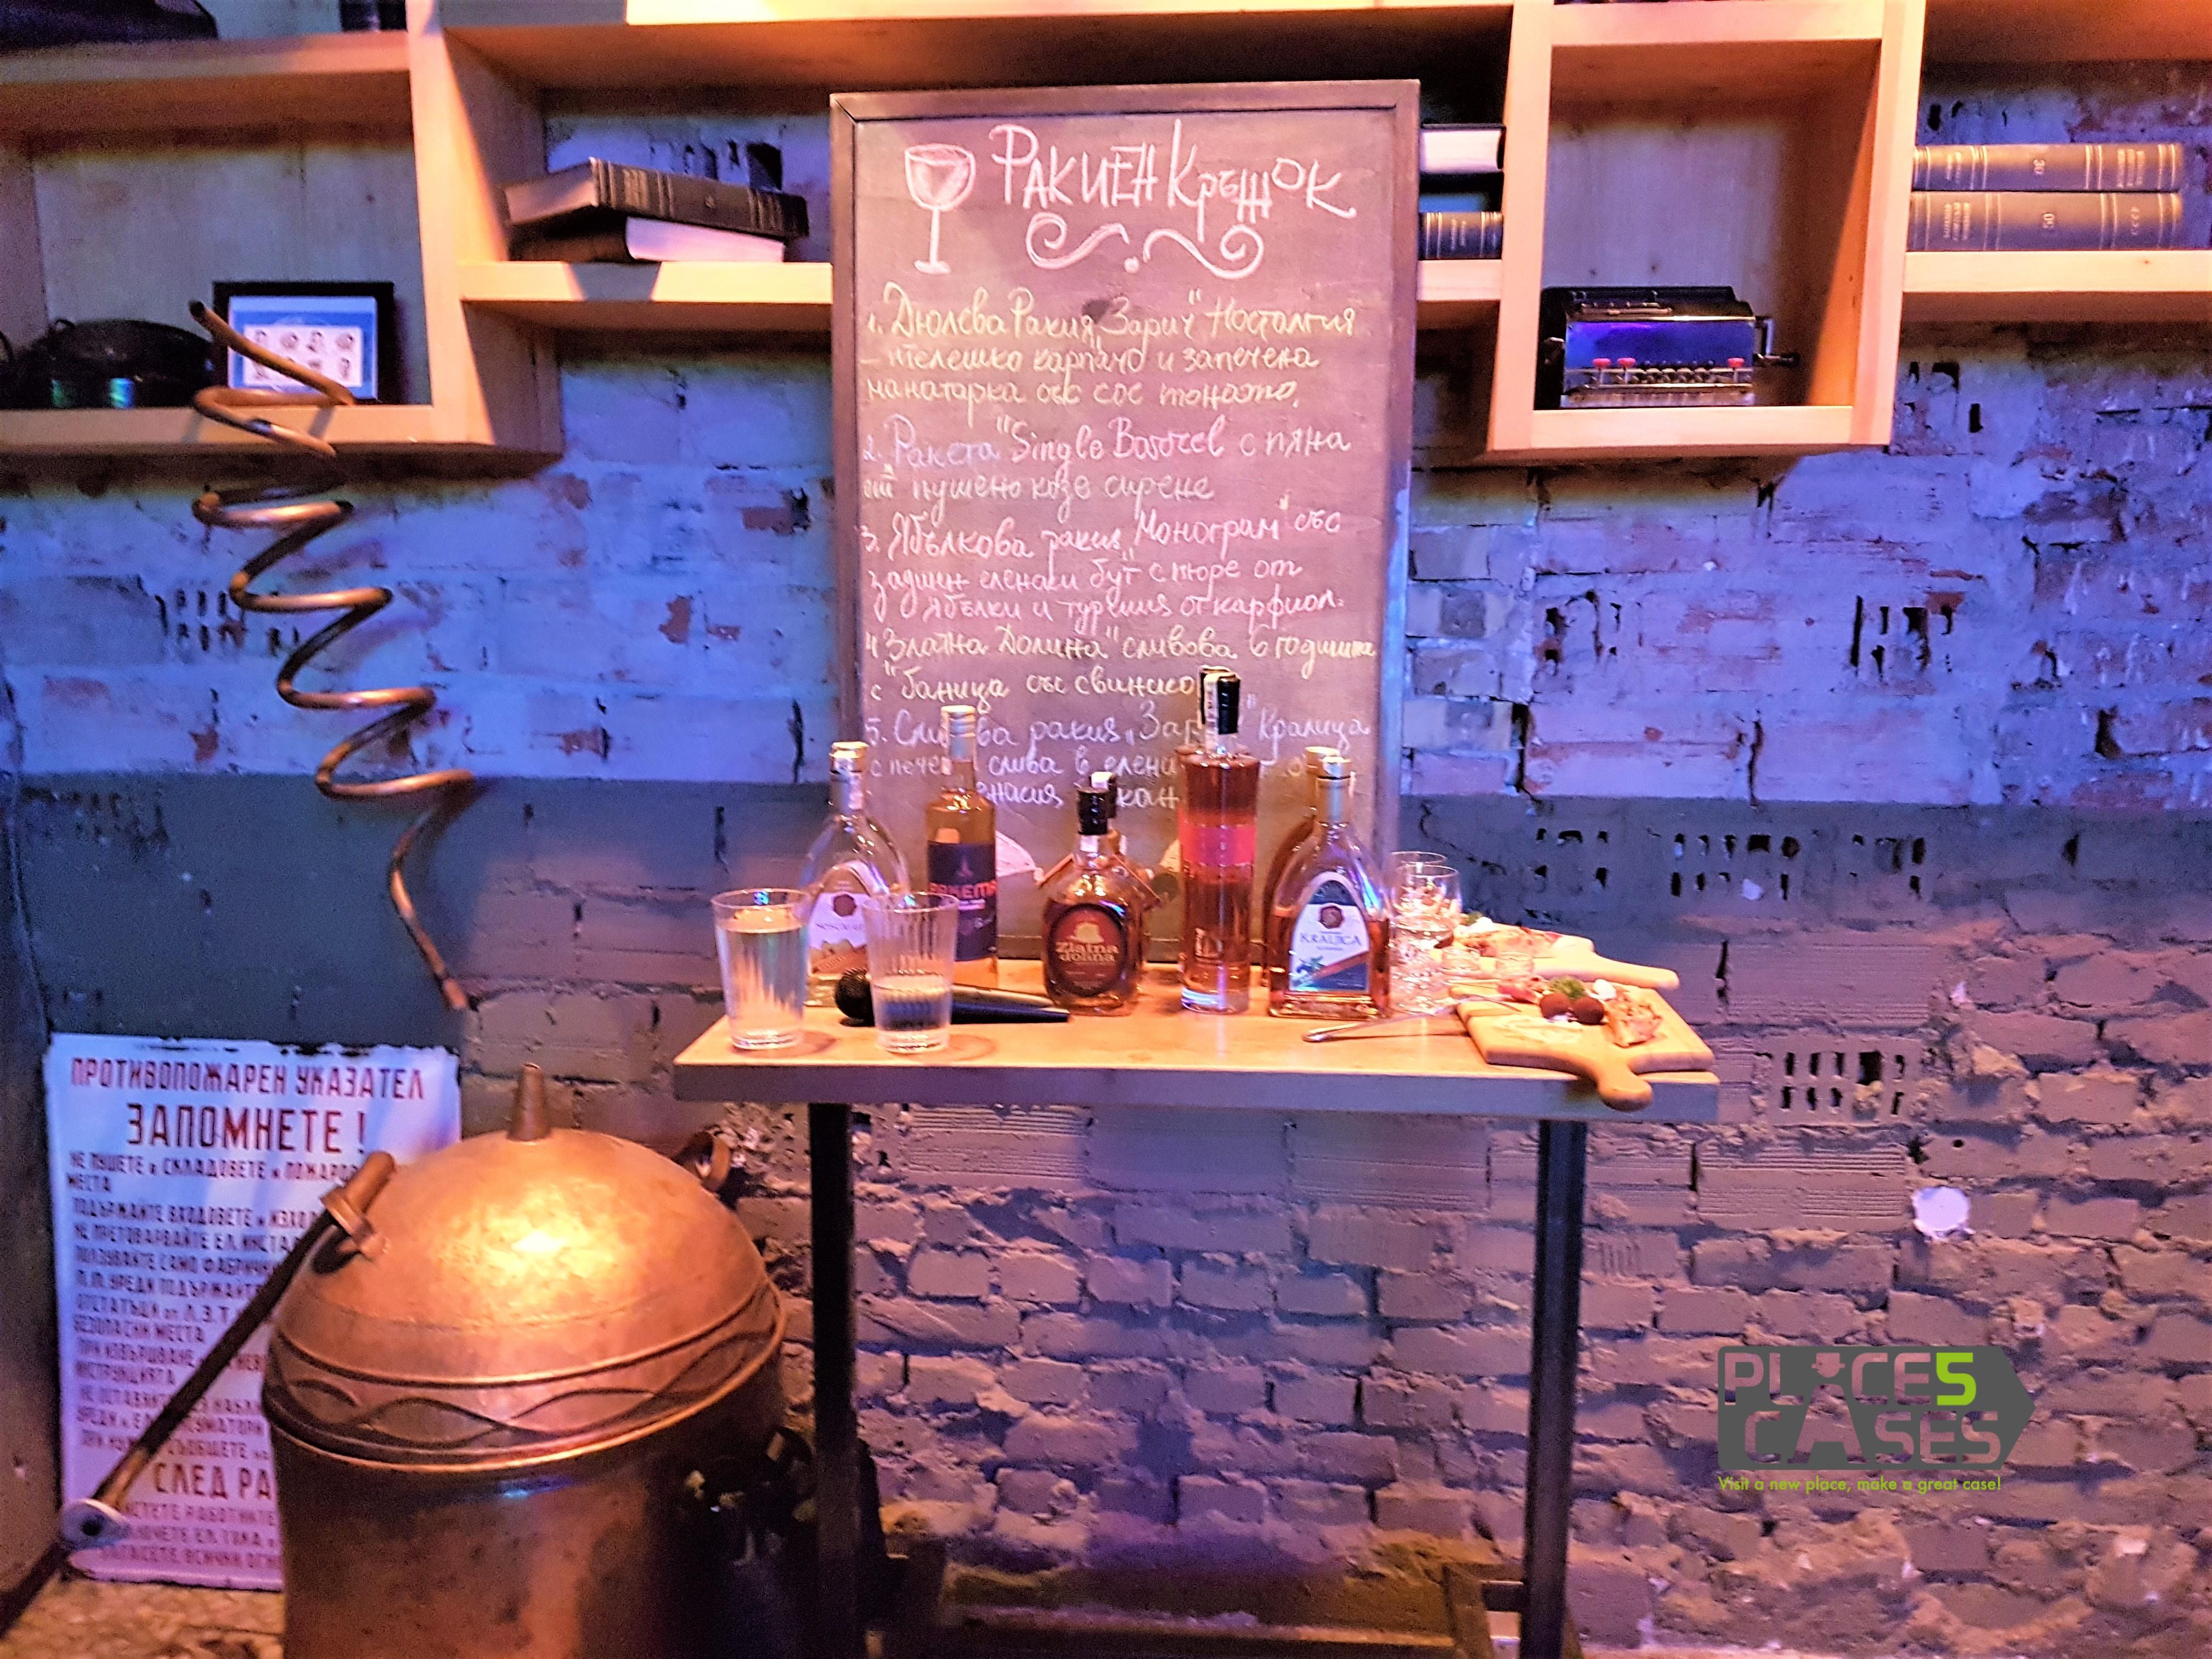 Черната дъска на ракиения кръжок с програмата за деня / The black board of the Rakia workshop, placescases.com